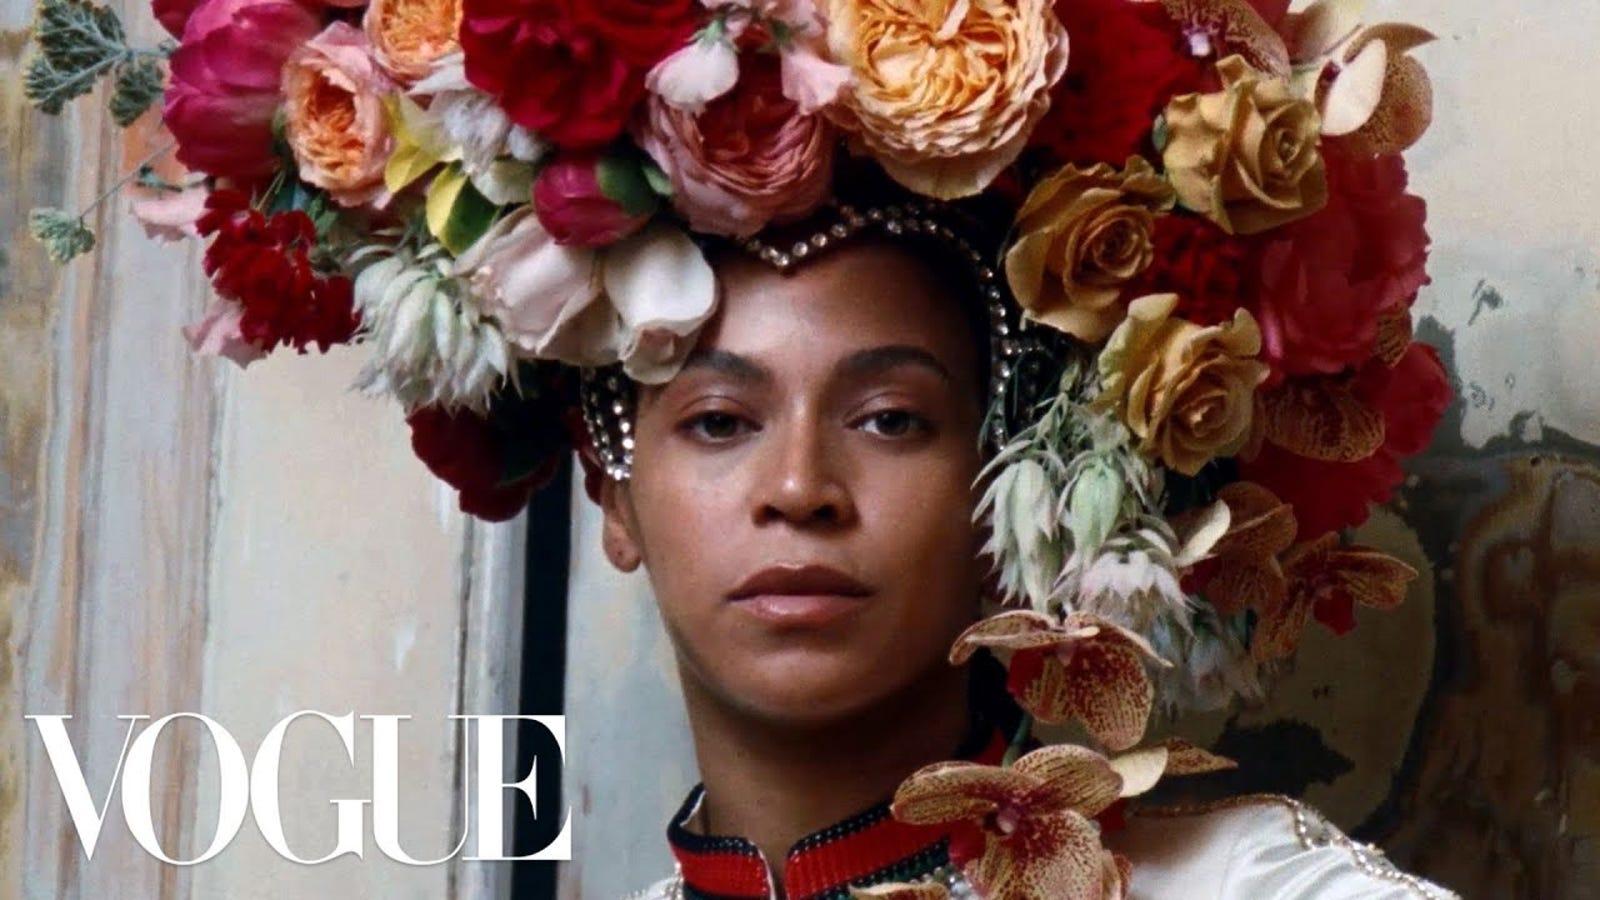 Zoom In: Vogue Brings Us Behind the Scenes of Beyoncé's September Issue